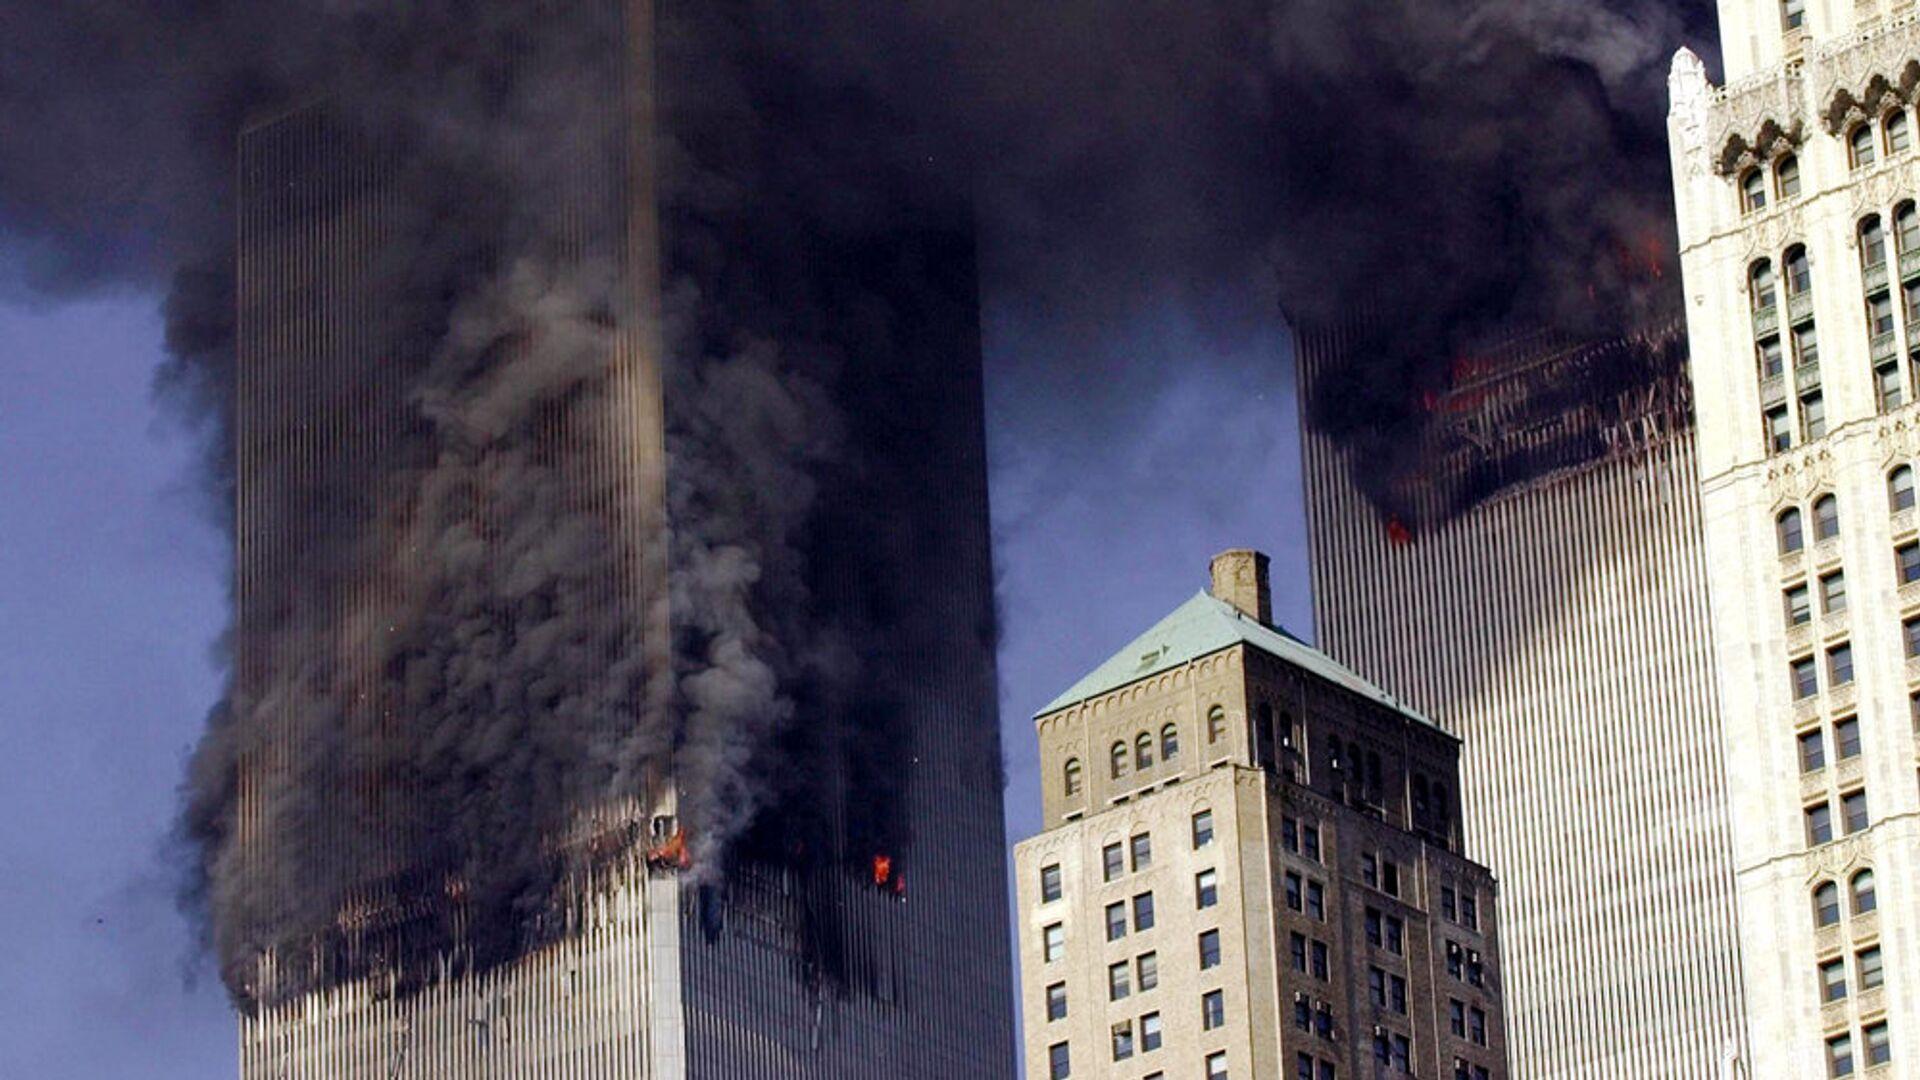 Теракт 11 сентября 2001 в США - Sputnik Грузия, 1920, 09.09.2021